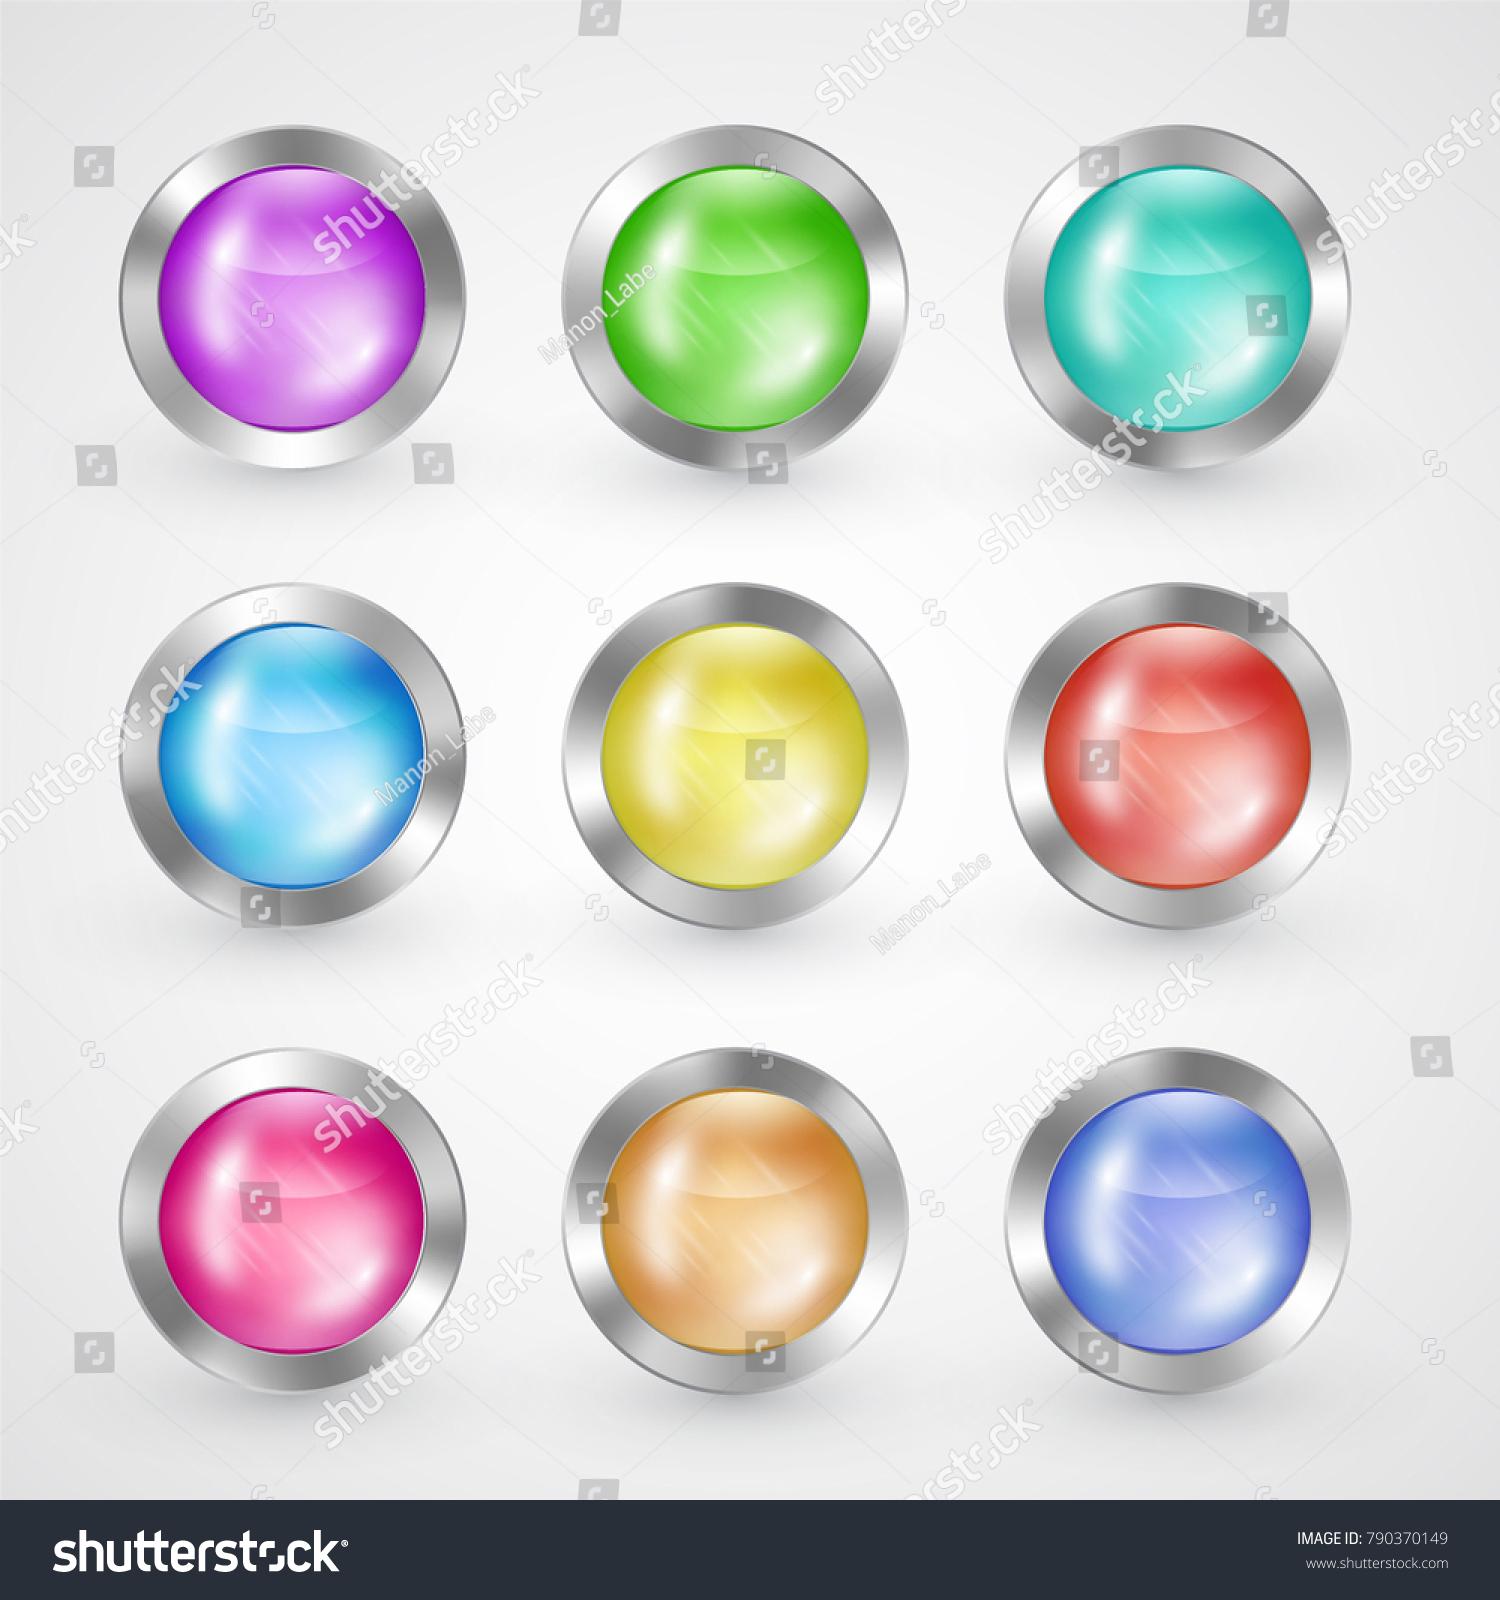 Set Of Colored Web Buttons Vector Ez Canvas